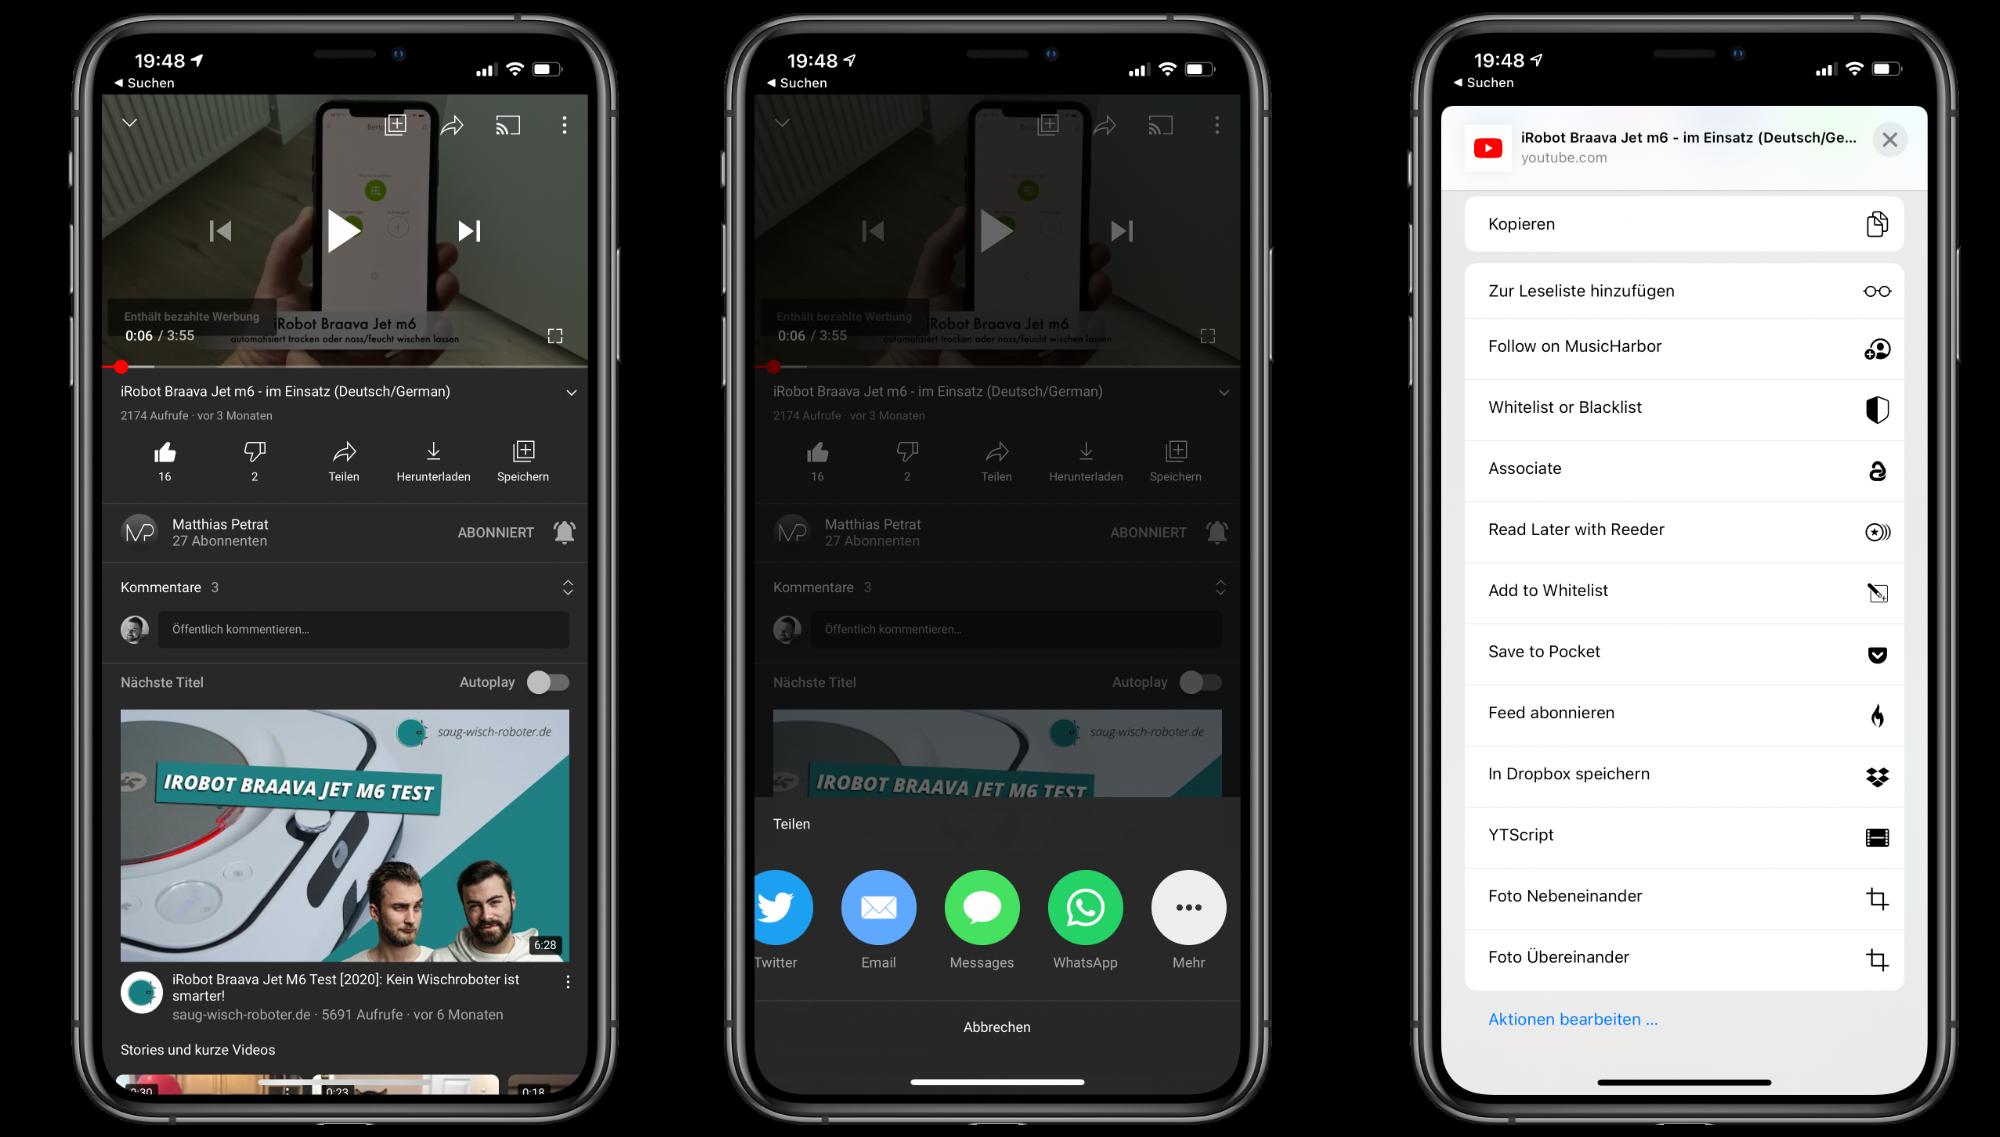 """22YTScript22-Kurzbefehl-lade-YouTube-Videos-als-VideoAudio-auf-dein-iPhoneiPad-herunter4 """"YTScript"""" Kurzbefehl - YouTube-Videos auf iPhone/iPad herunterladen"""